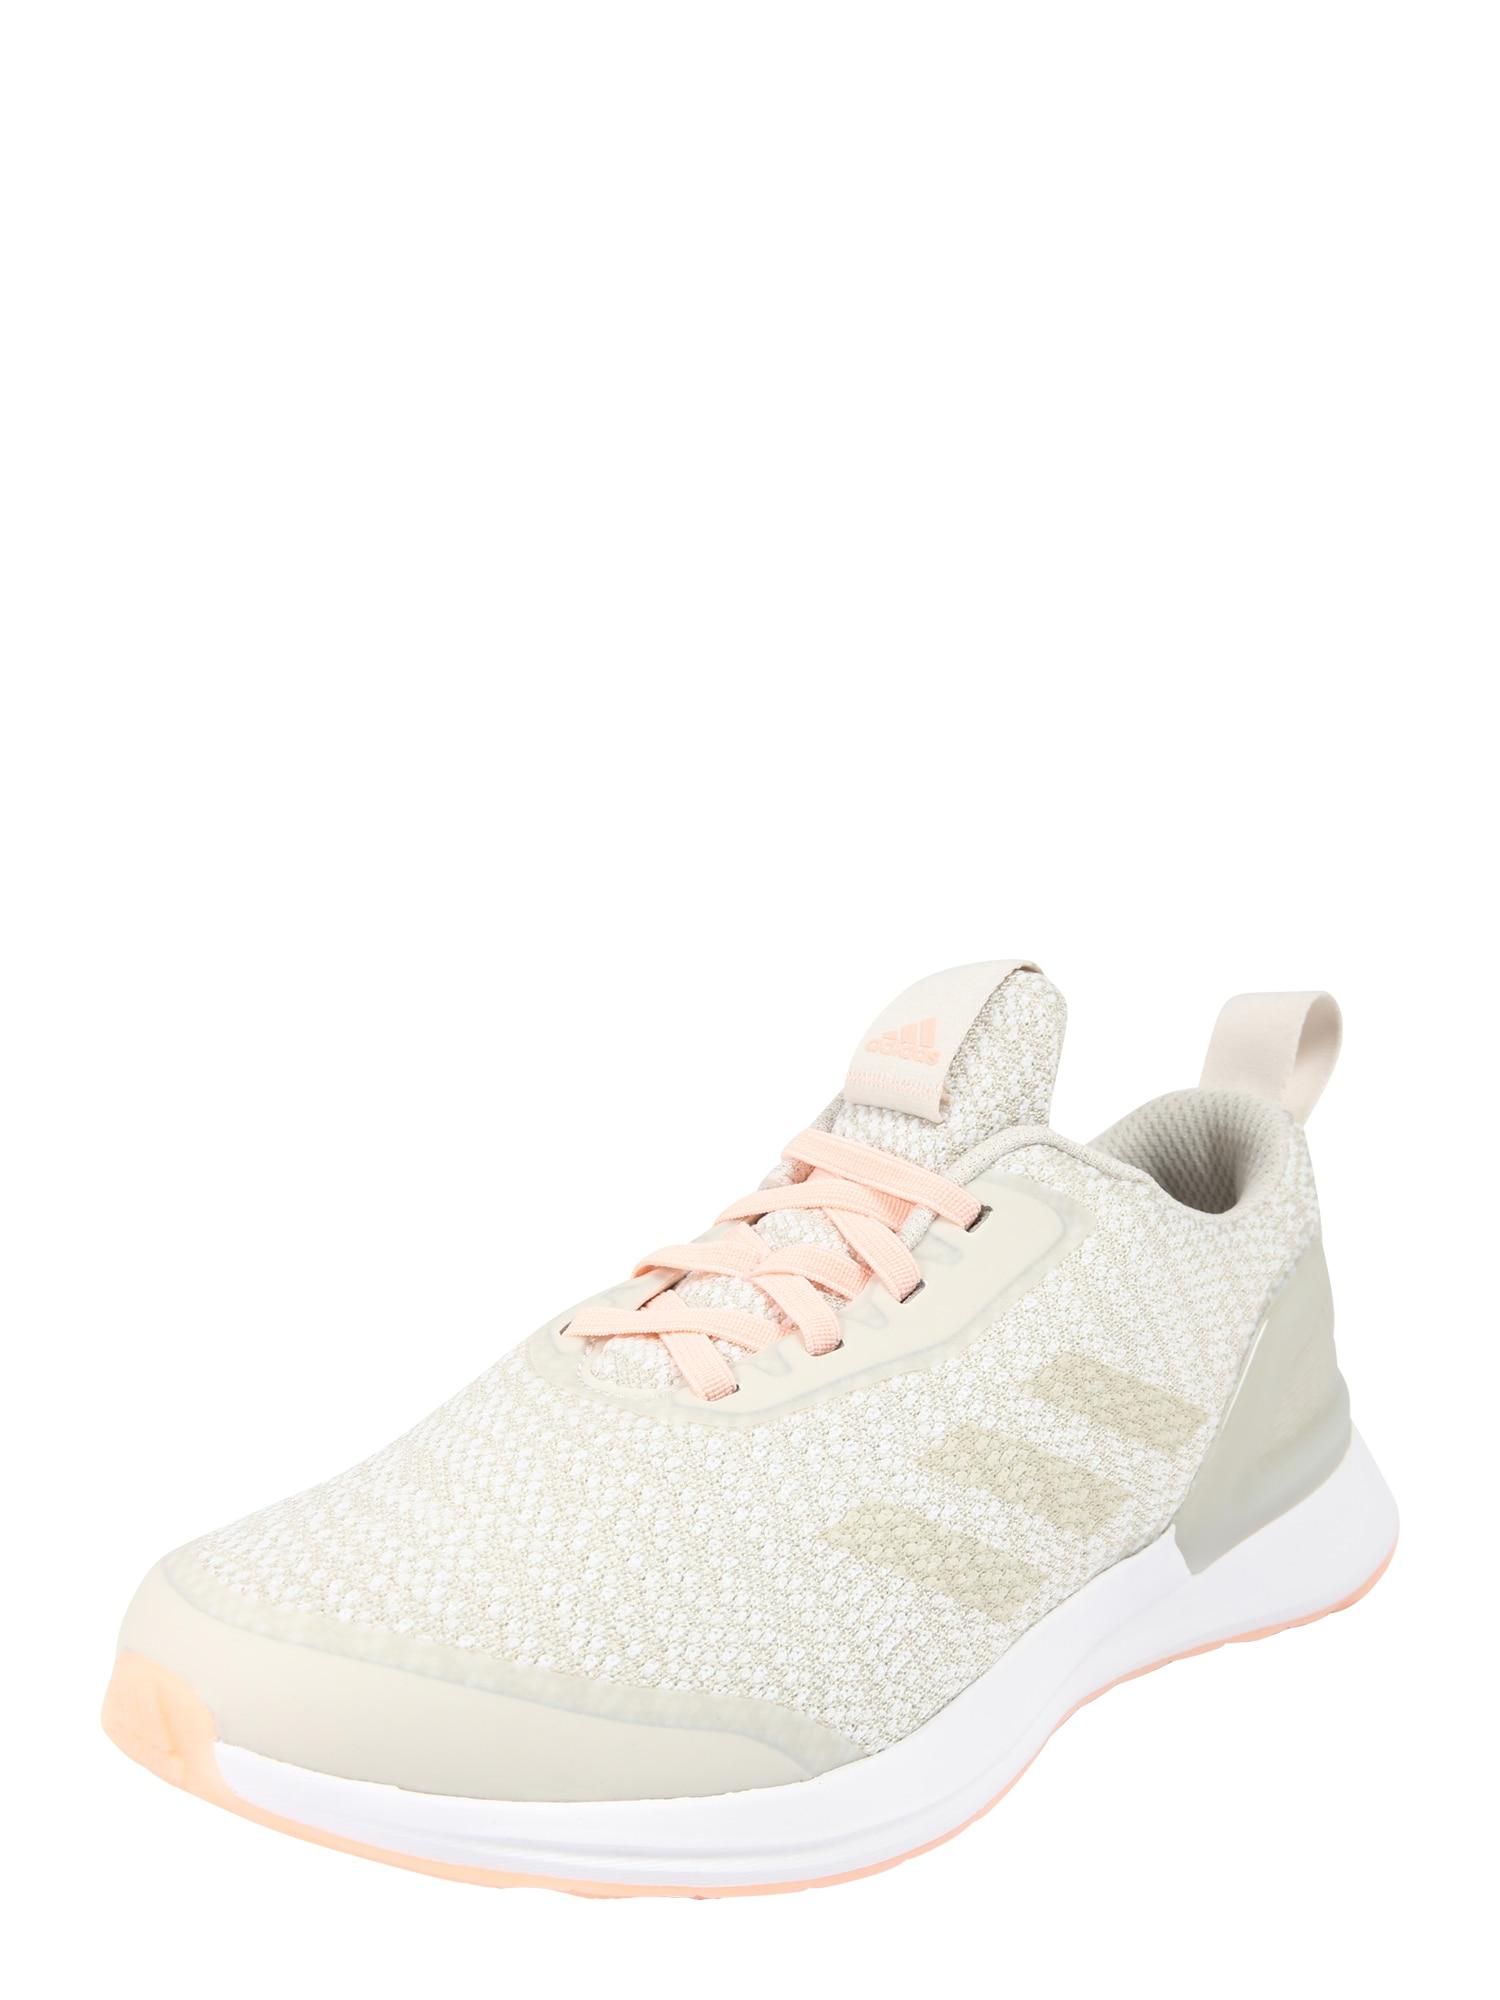 Sportovní boty Rapidarun X Knit EL béžová broskvová ADIDAS PERFORMANCE